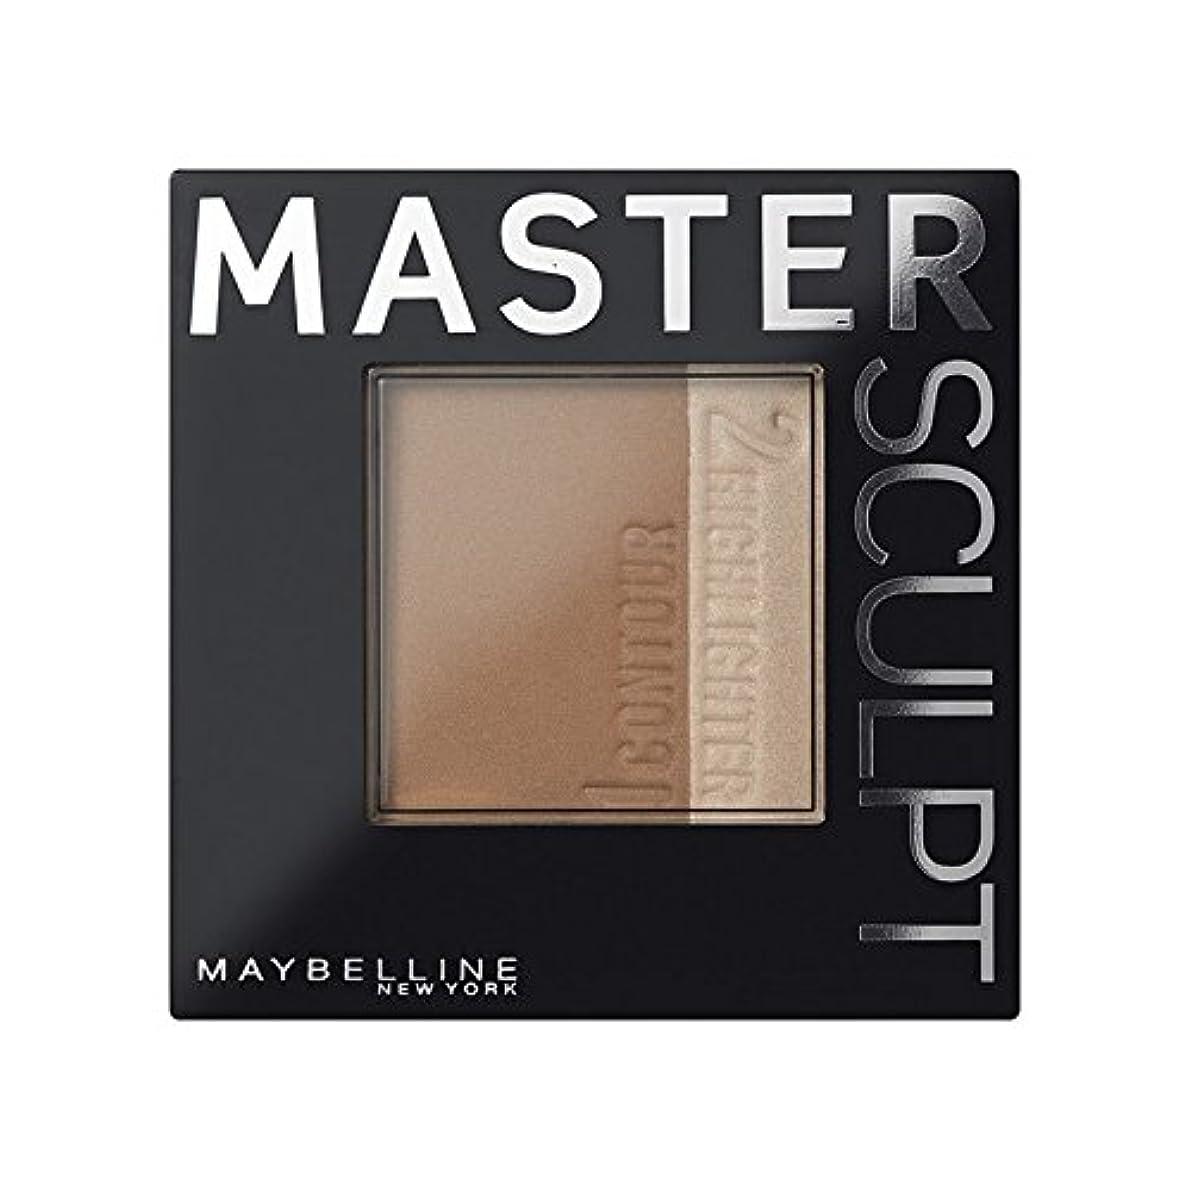 スポーツをするかんがい生息地Maybelline Master Sculpt Contouring Foundation 01 Light/Med - 土台01光/ を輪郭メイベリンマスタースカルプト [並行輸入品]